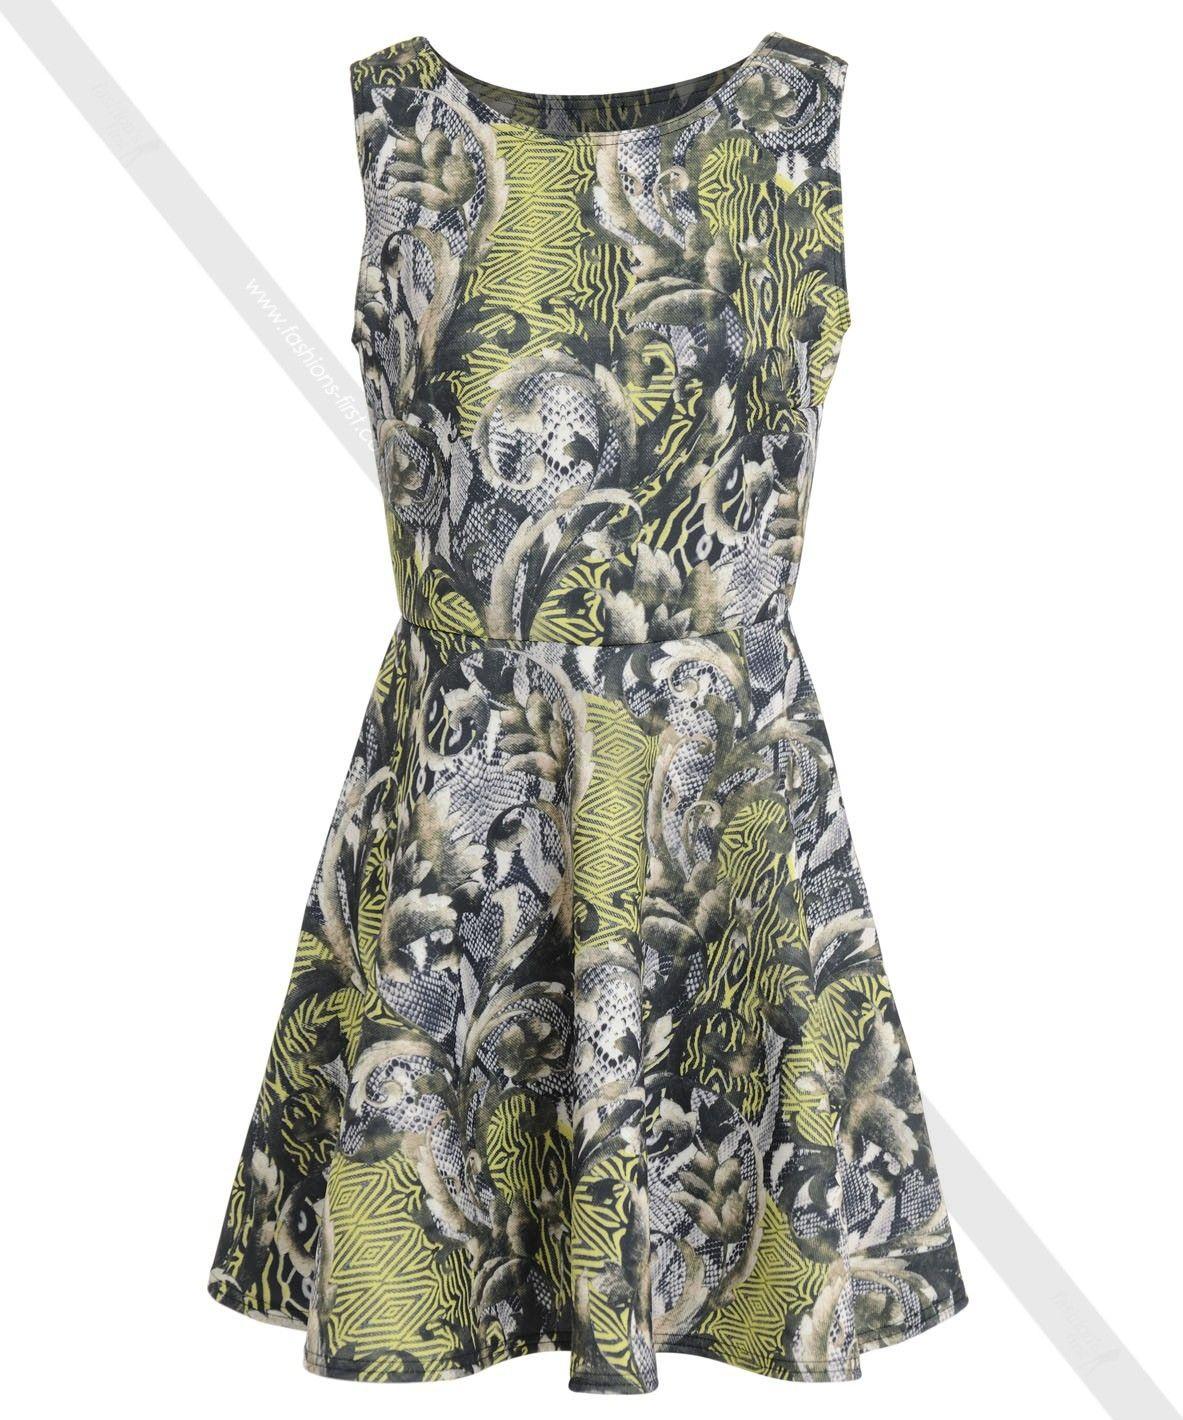 http://www.fashions-first.dk/dame/kjoler/kleid-k1389.html Spring Collection fra Fashions-First er til rådighed nu. Fashions-First en af de berømte online grossist af mode klude, urbane klude, tilbehør, mænds mode klude, taske, sko, smykker. Produkterne opdateres regelmæssigt. Så du kan besøge og få det produkt, du kan lide. #Fashion #Women #dress #top #jeans #leggings #jacket #cardigan #sweater #summer #autumn #pullover